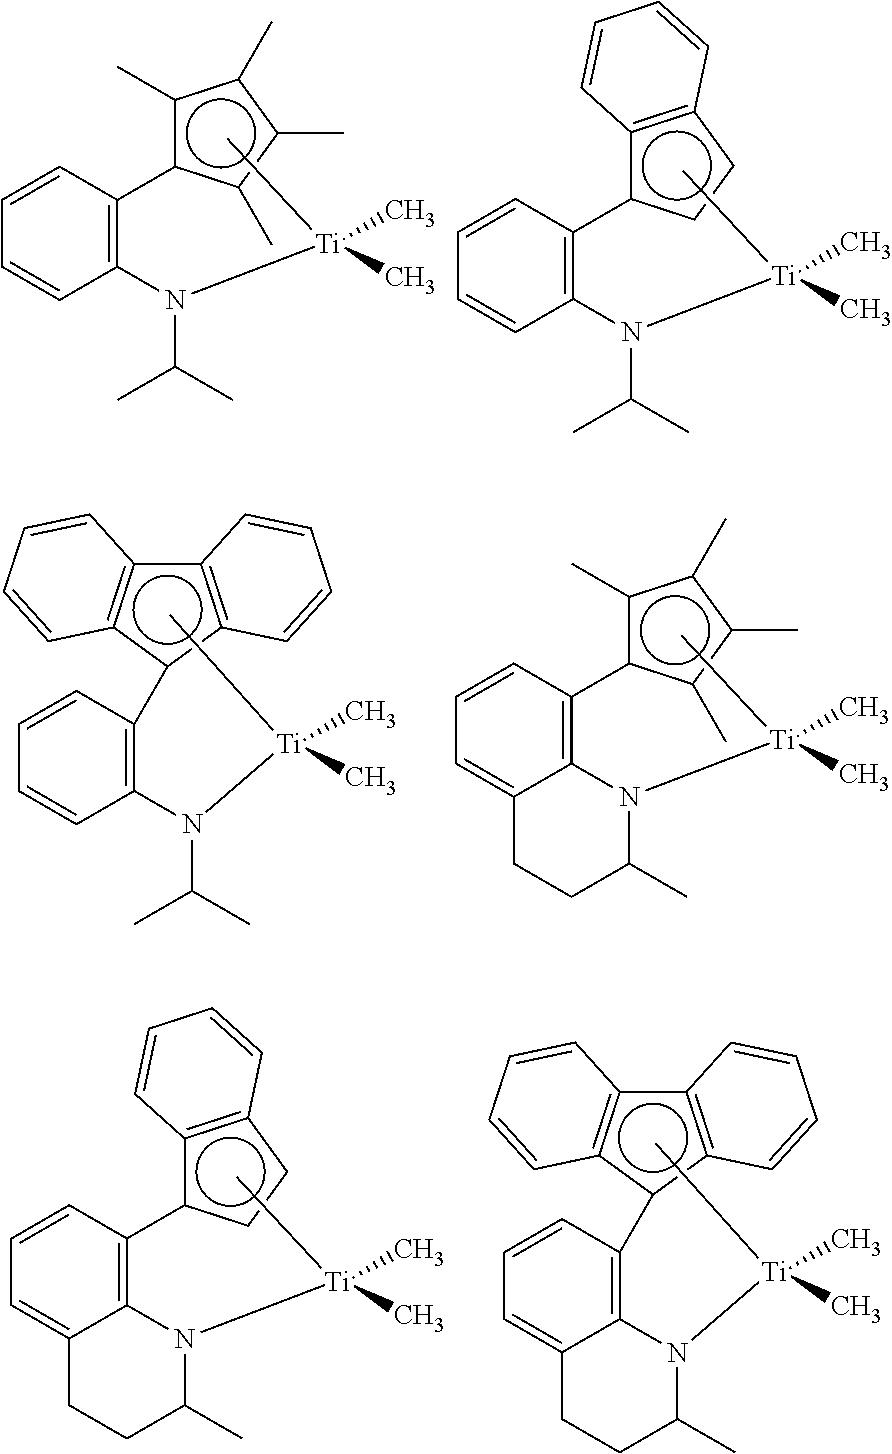 Figure US20110177935A1-20110721-C00019